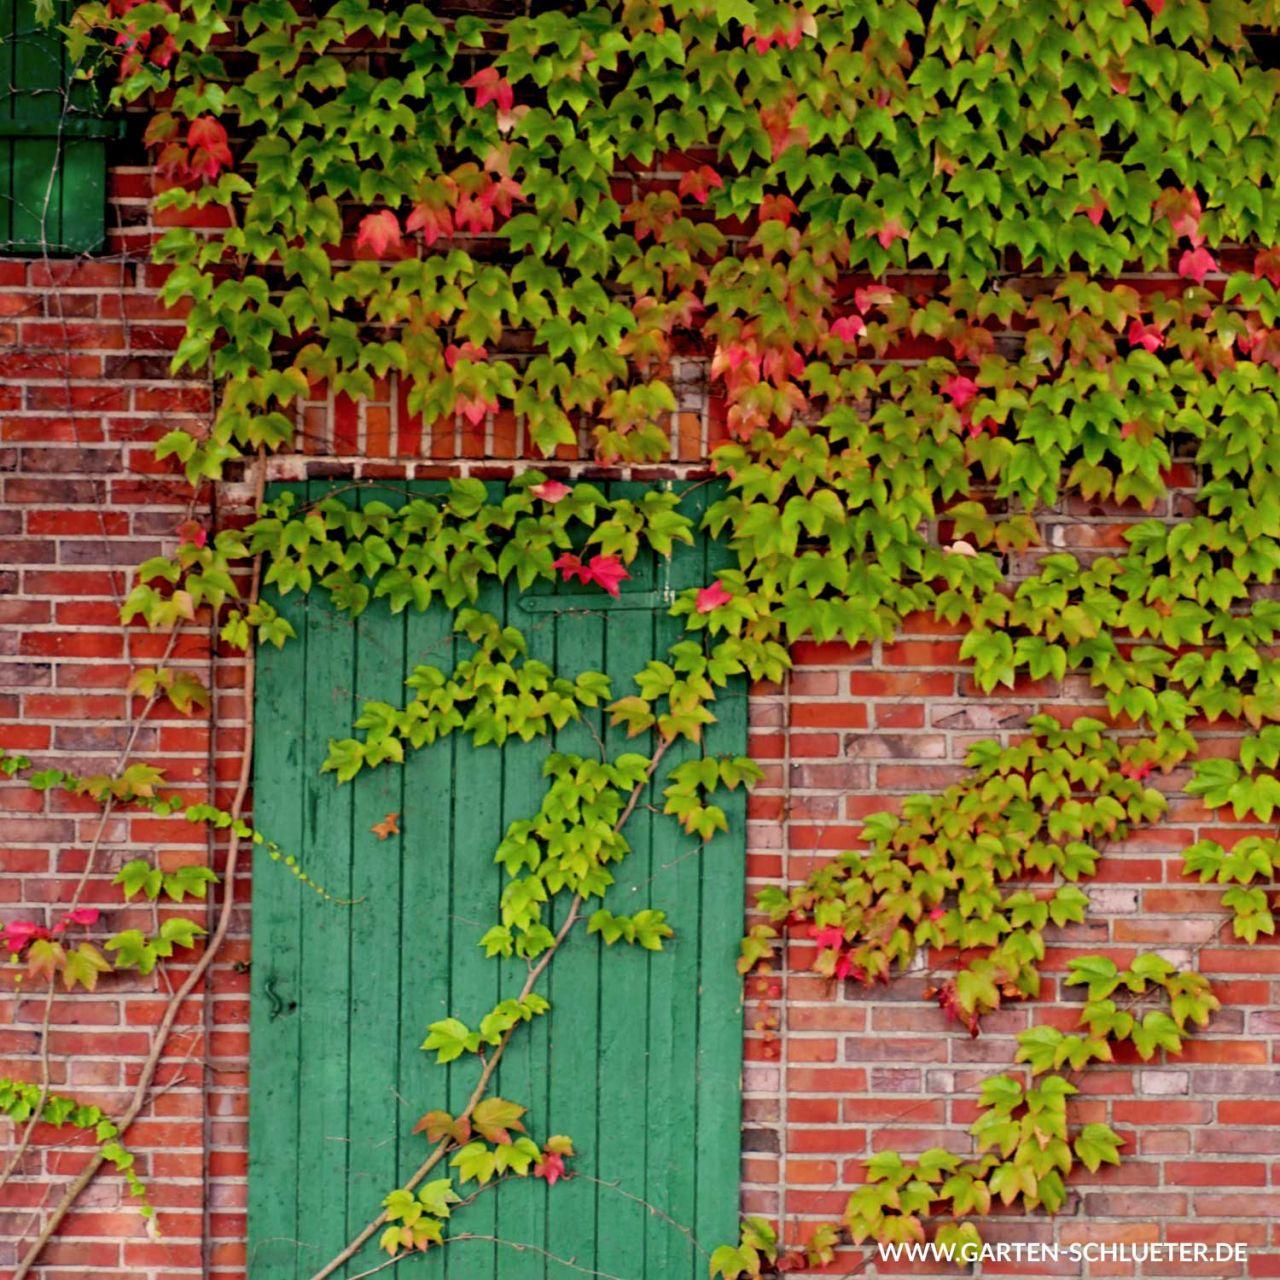 Wilder Wein 'Green Spring' - Jungfernrebe